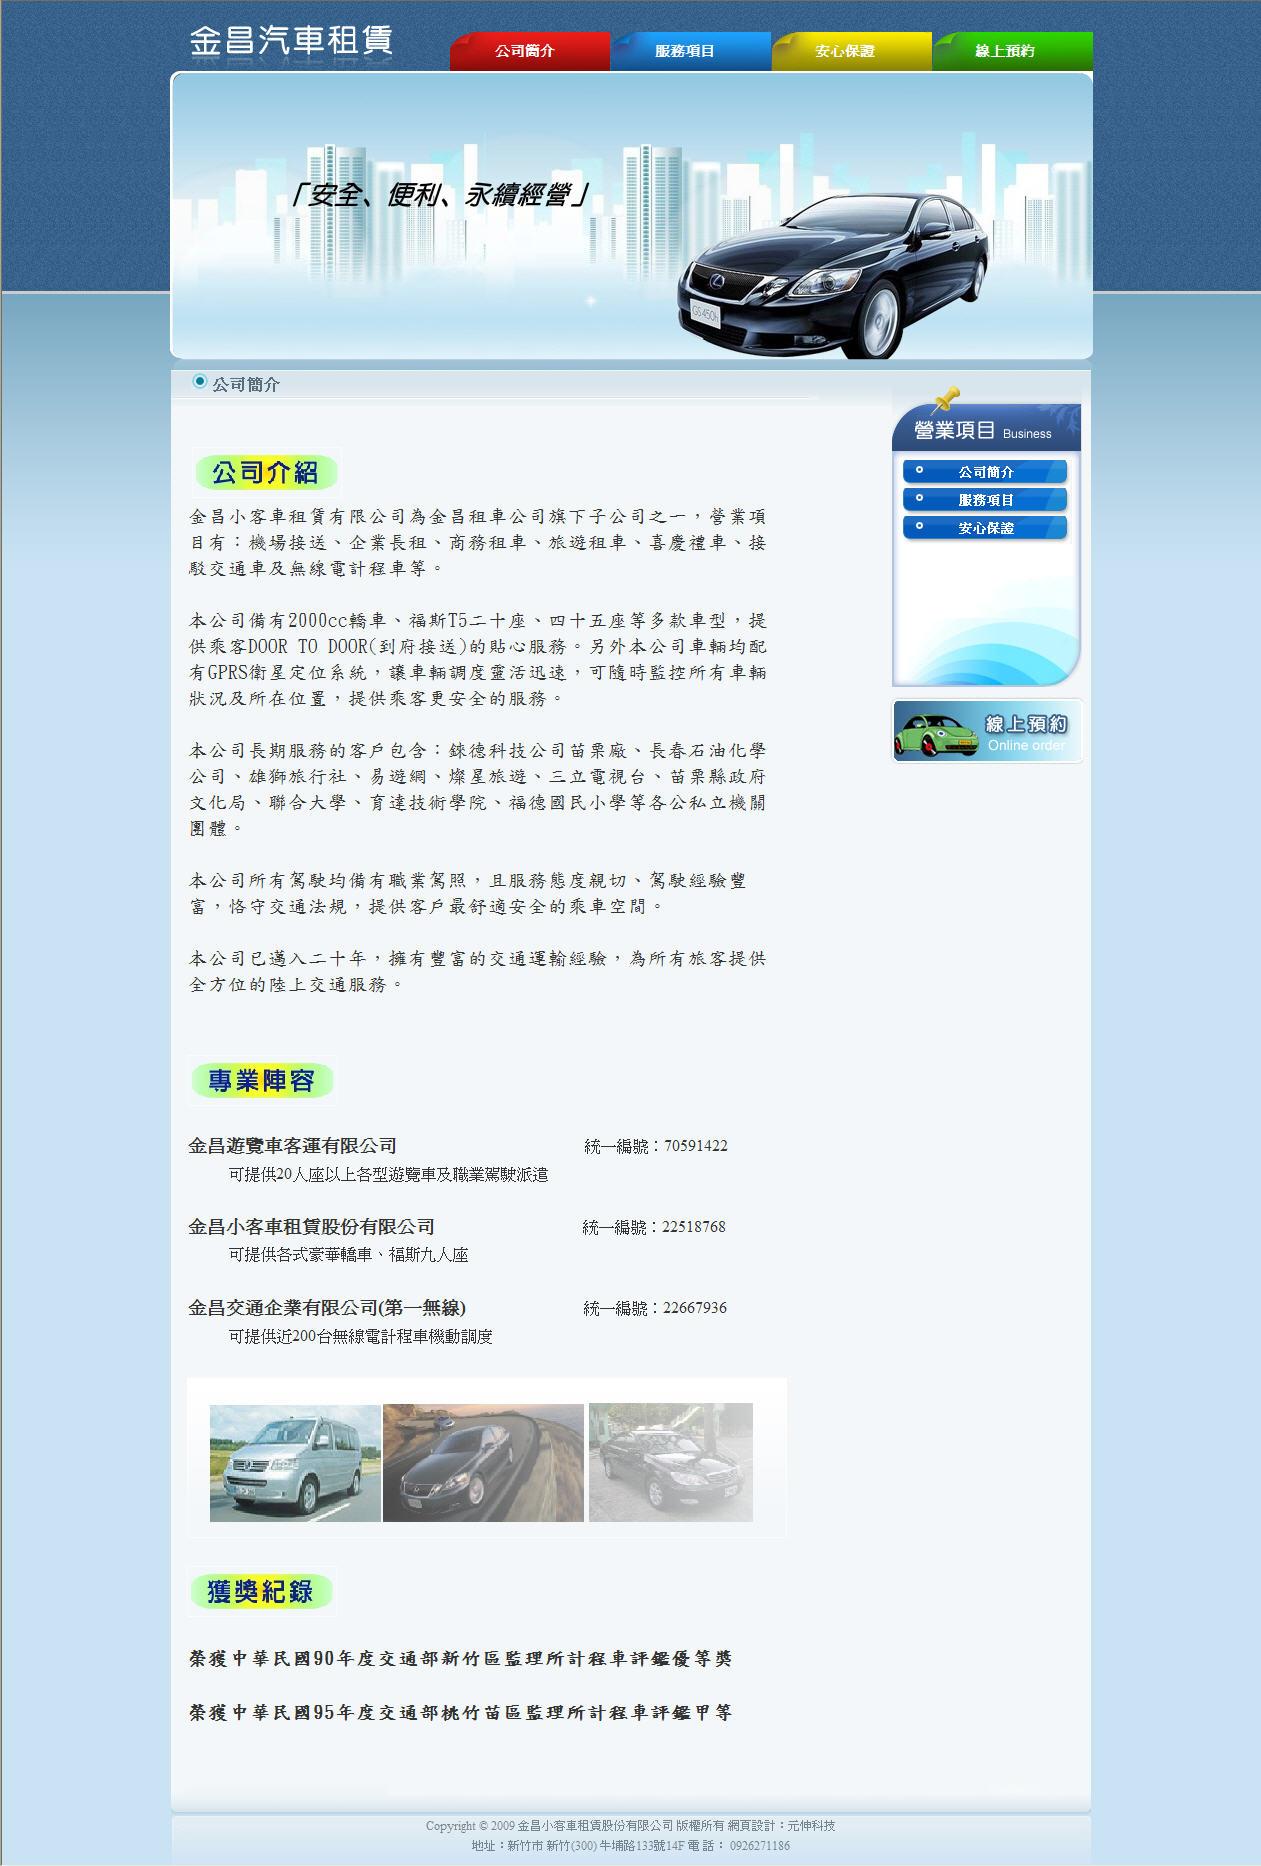 网页设计 | 旅游休闲网页设计作品 | 元伸网页设计公司